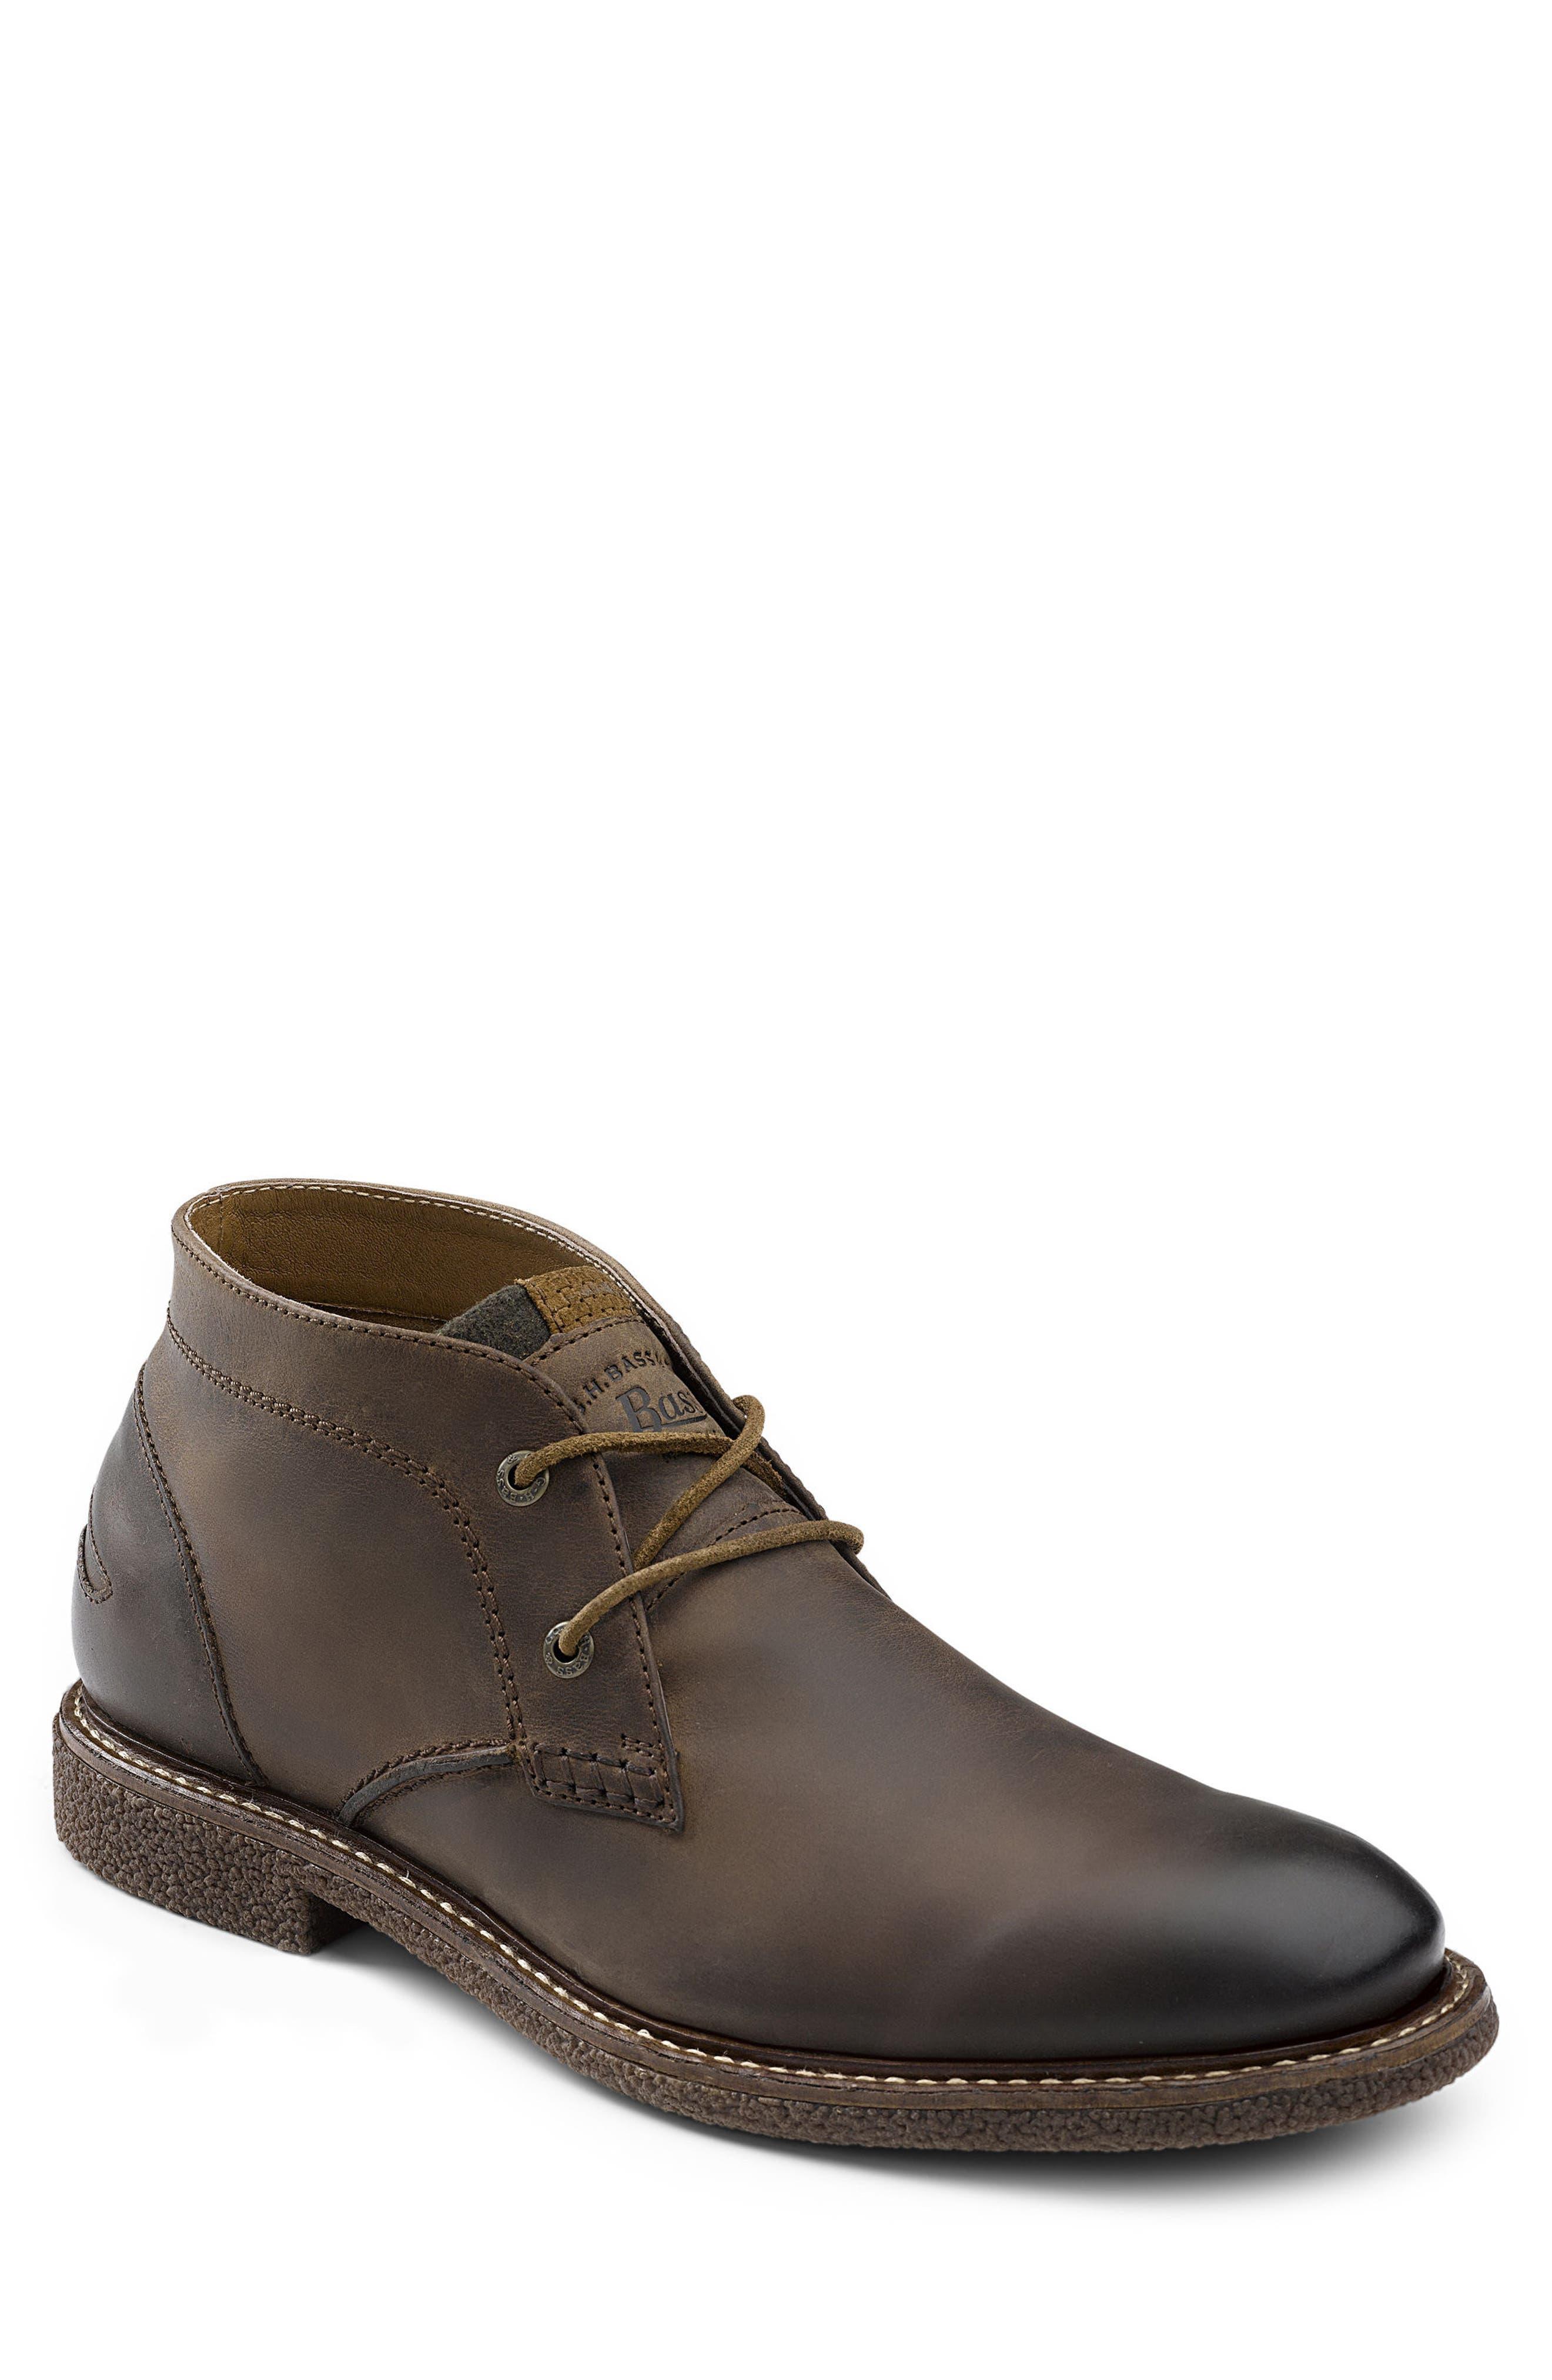 G.H. BASS & CO. Bennett Chukka Boot